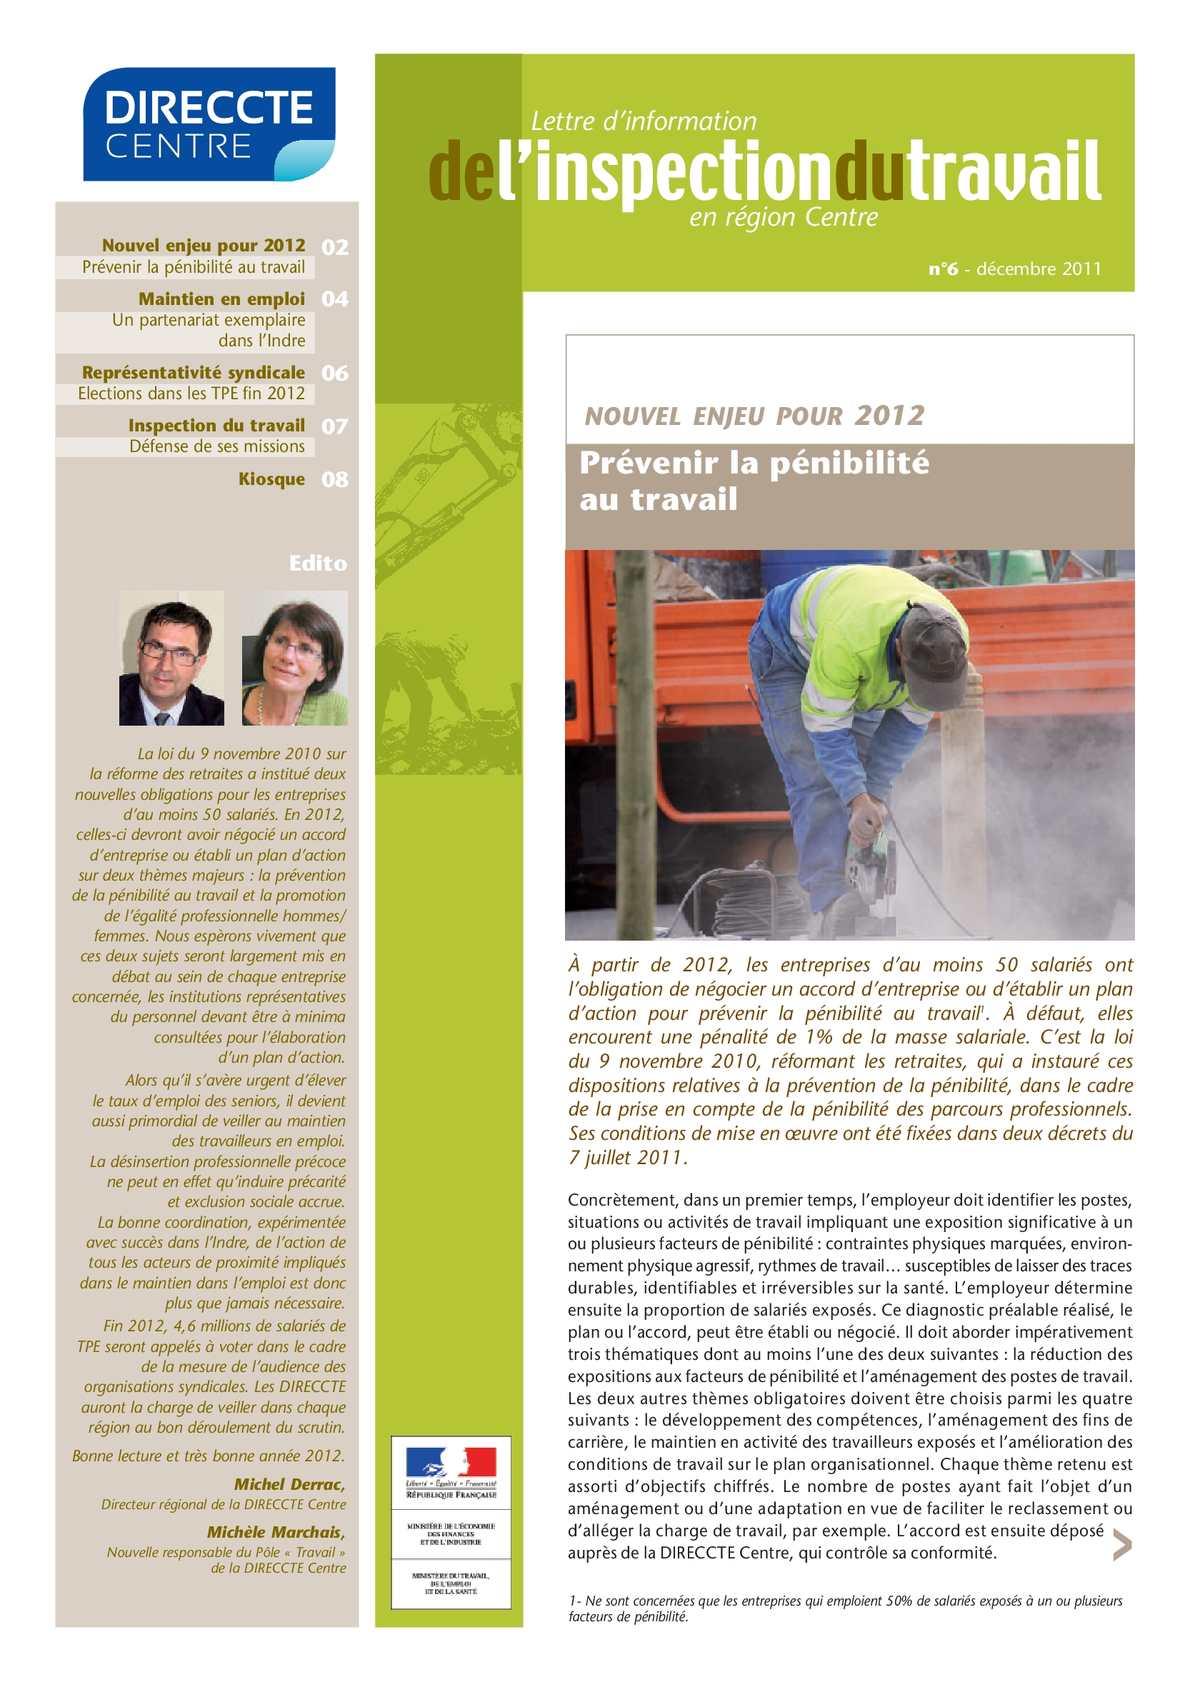 Calam o 6 lettre d information de l inspection du travail en r gion centre n 6 d cembre 2011 - Inspection du travail bourges ...